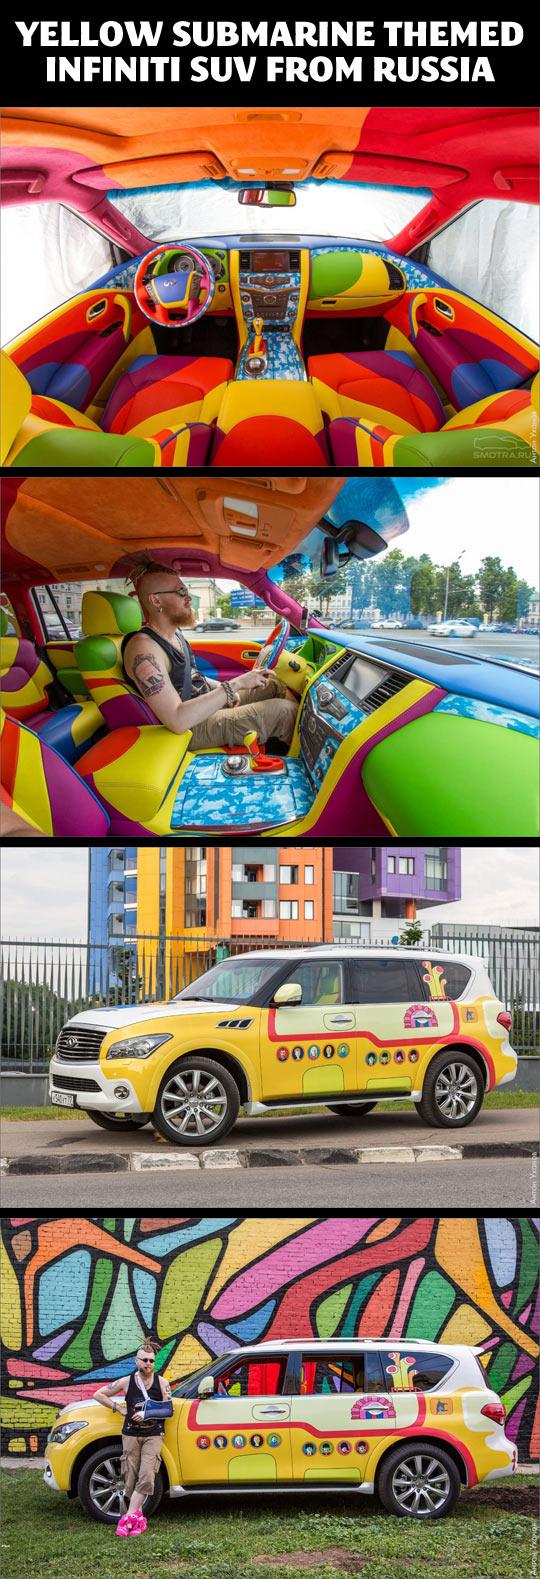 Yellow Submarine themed Infiniti SUV…